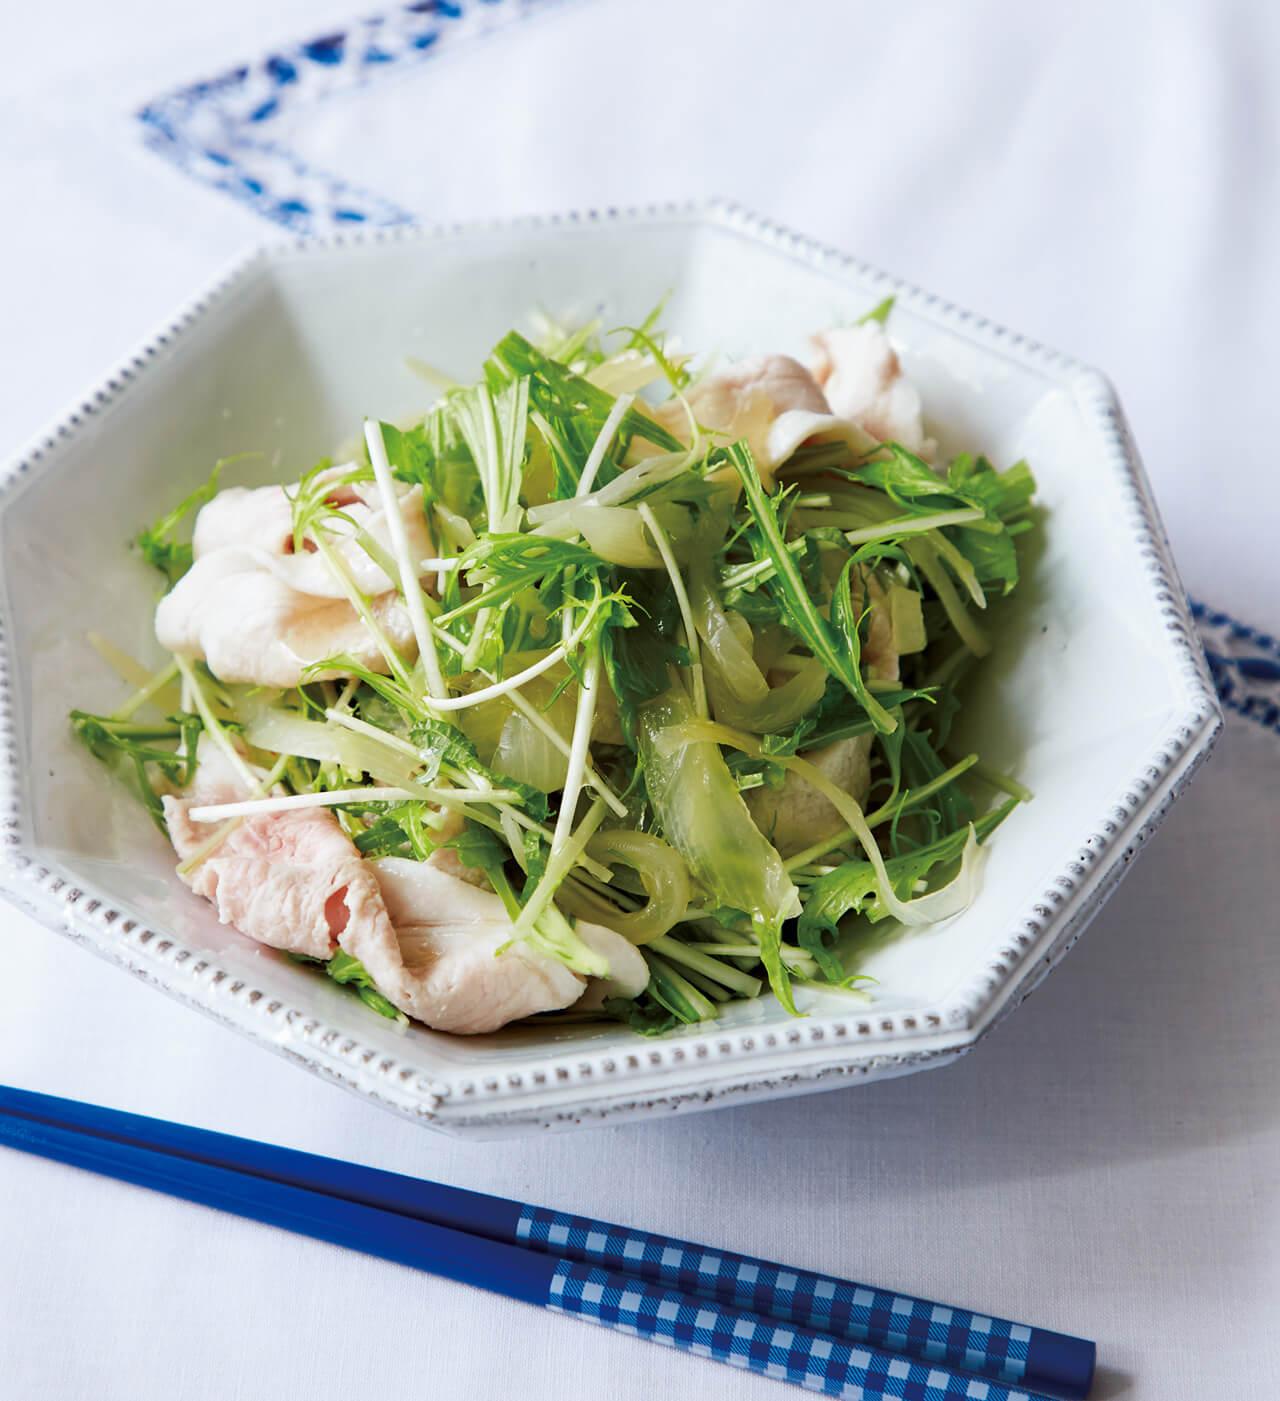 【べんり漬けアレンジ】「豚しゃぶ、玉ねぎ、水菜のおかずサラダ」レシピ/榎本美沙さん